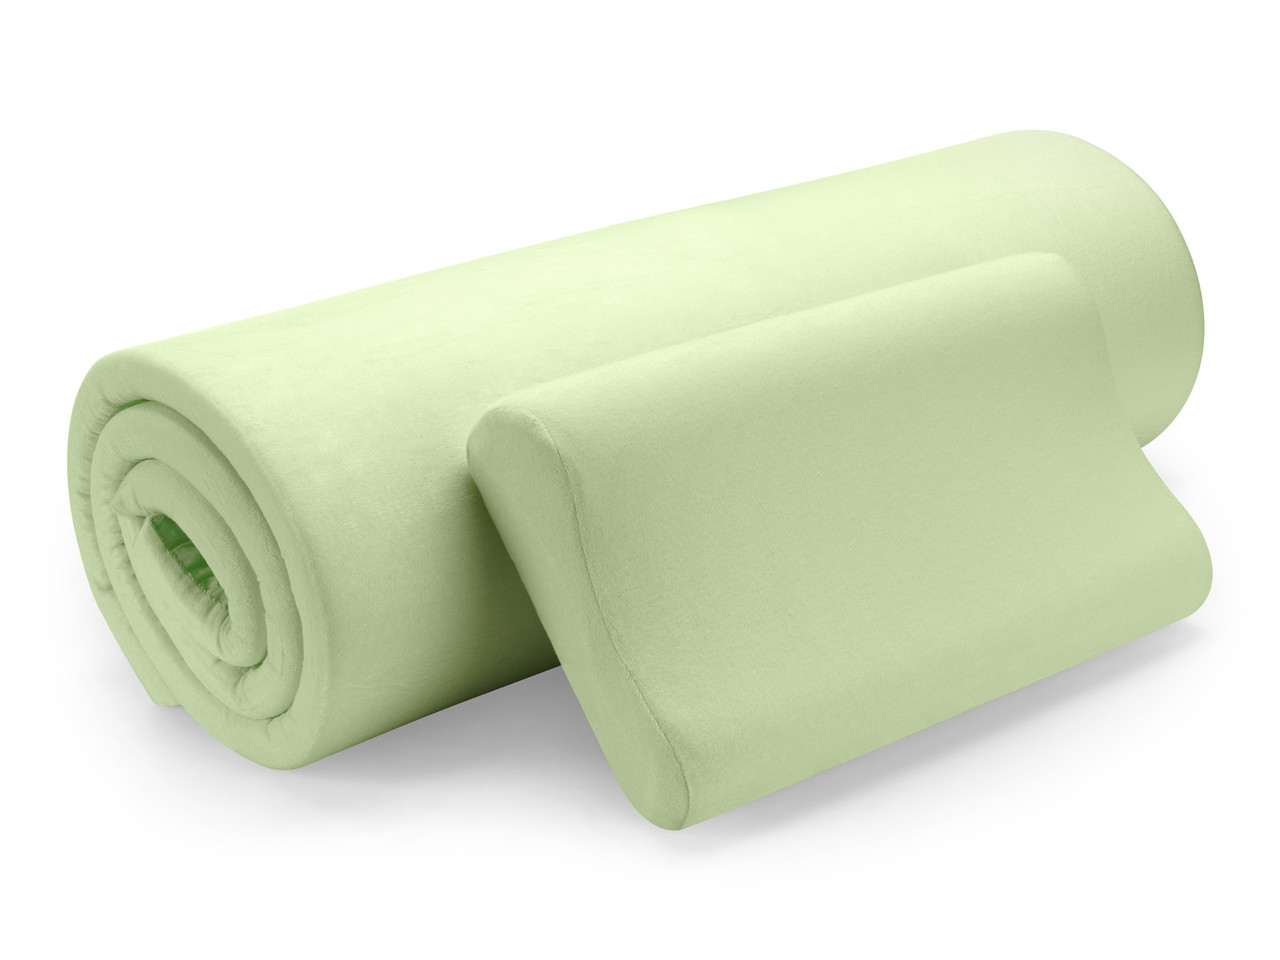 Комплект матрас+ подушка Dormeo Renew Eucalyptus 200*200